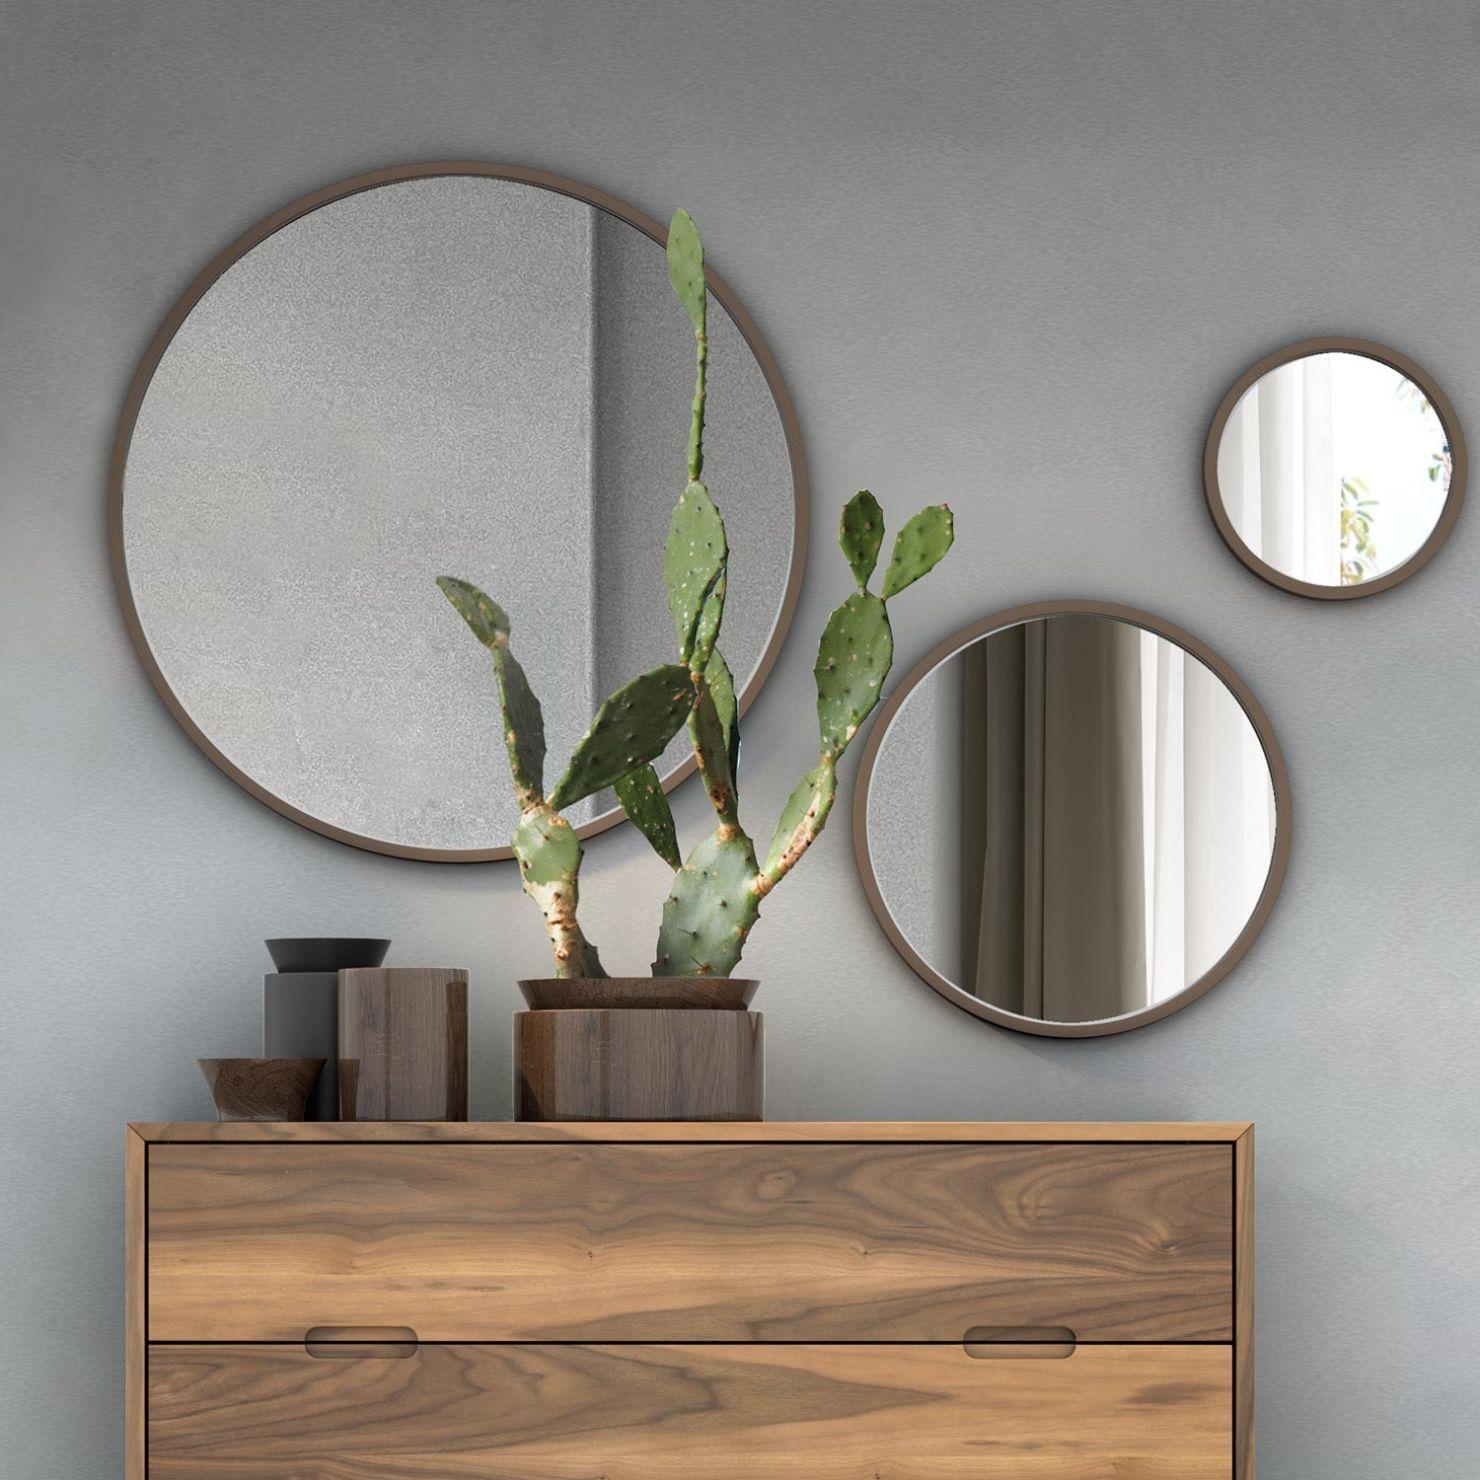 ¿Conoces la energía que transmiten los espejos? Aquí te decimos cómo aprovecharla y evitarla